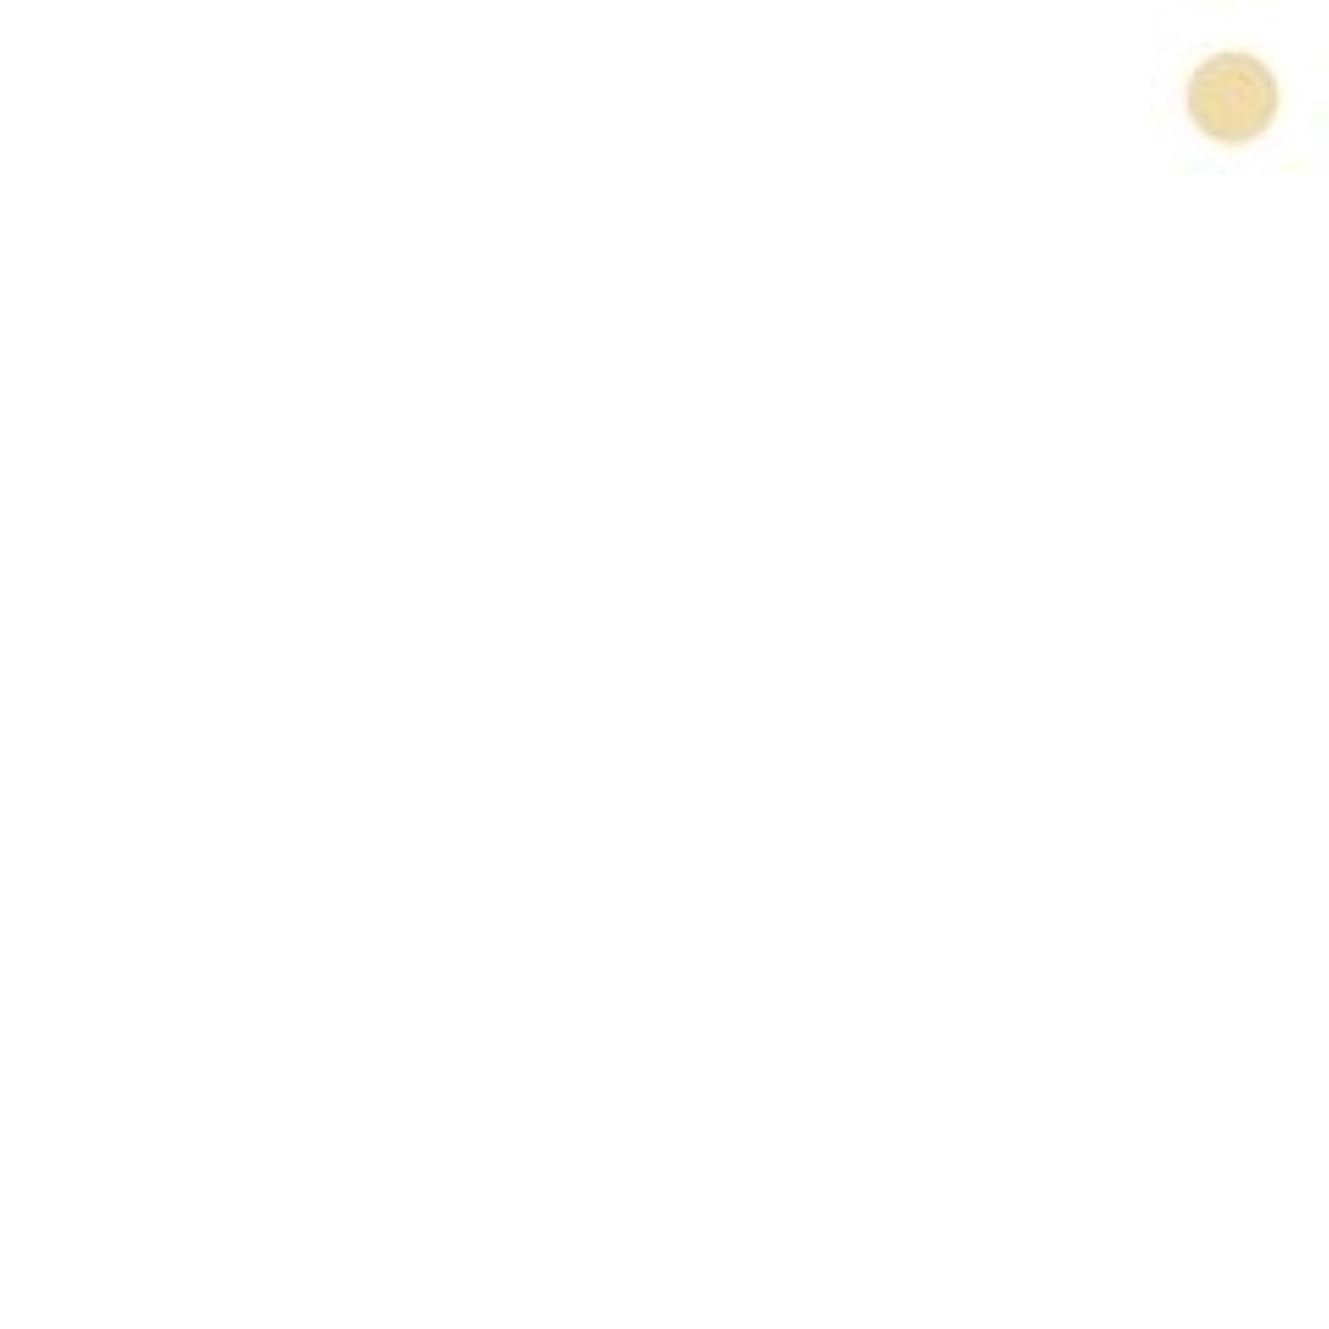 特別な測るブレース【カバーマーク】ジャスミーカラー パウダリーファンデーション #BN20 (レフィル)